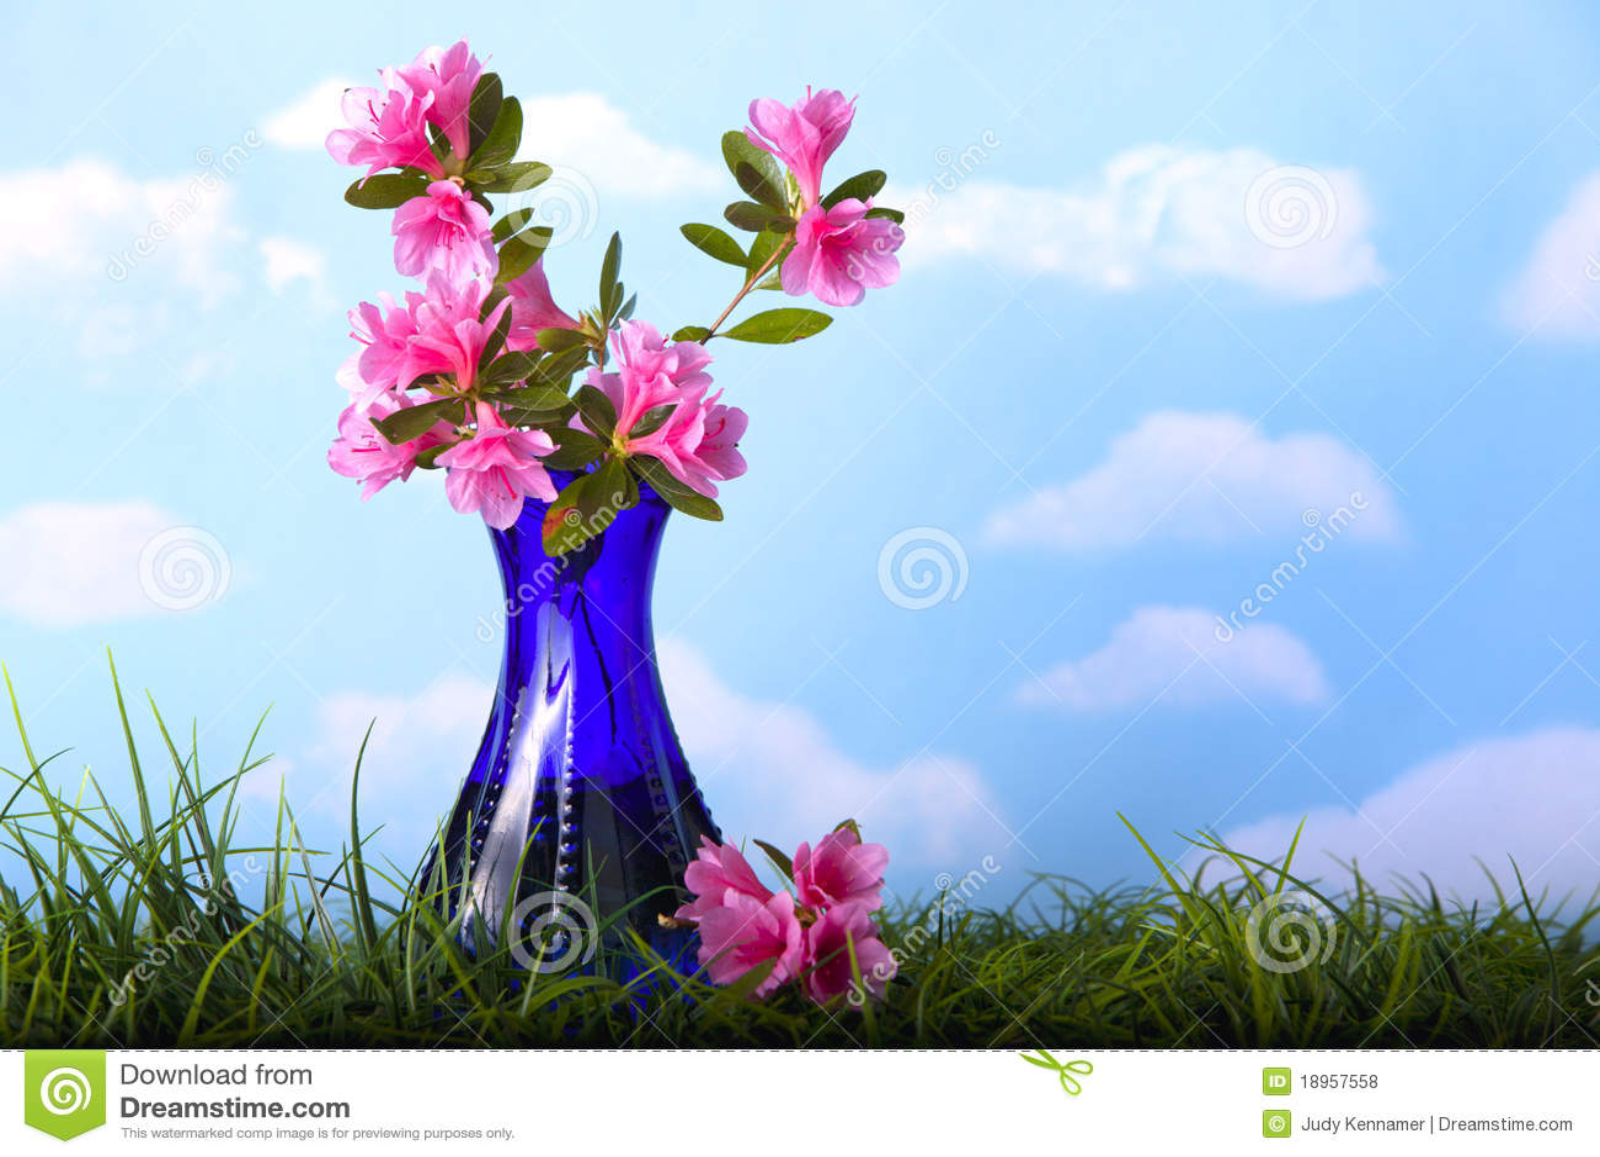 Flores Rosadas De La Azalea En Florero Azul Foto De Archivo Imagen De Azalea Flores 18957558